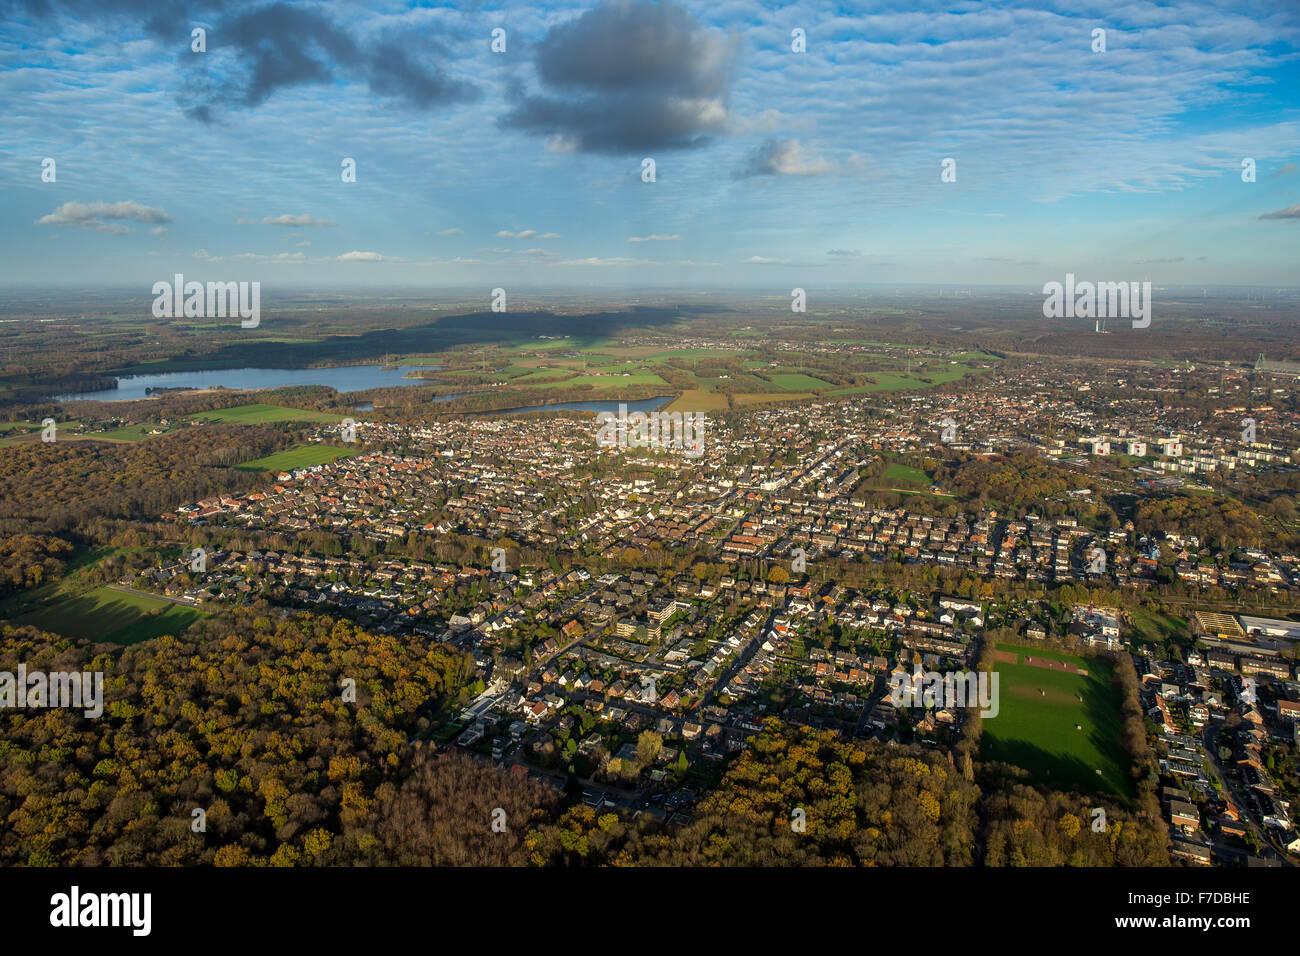 City View Dinslaken, Ruhr region, North Rhine Westphalia, Germany, Europe, Aerial view, birds-eyes view, aerial - Stock Image